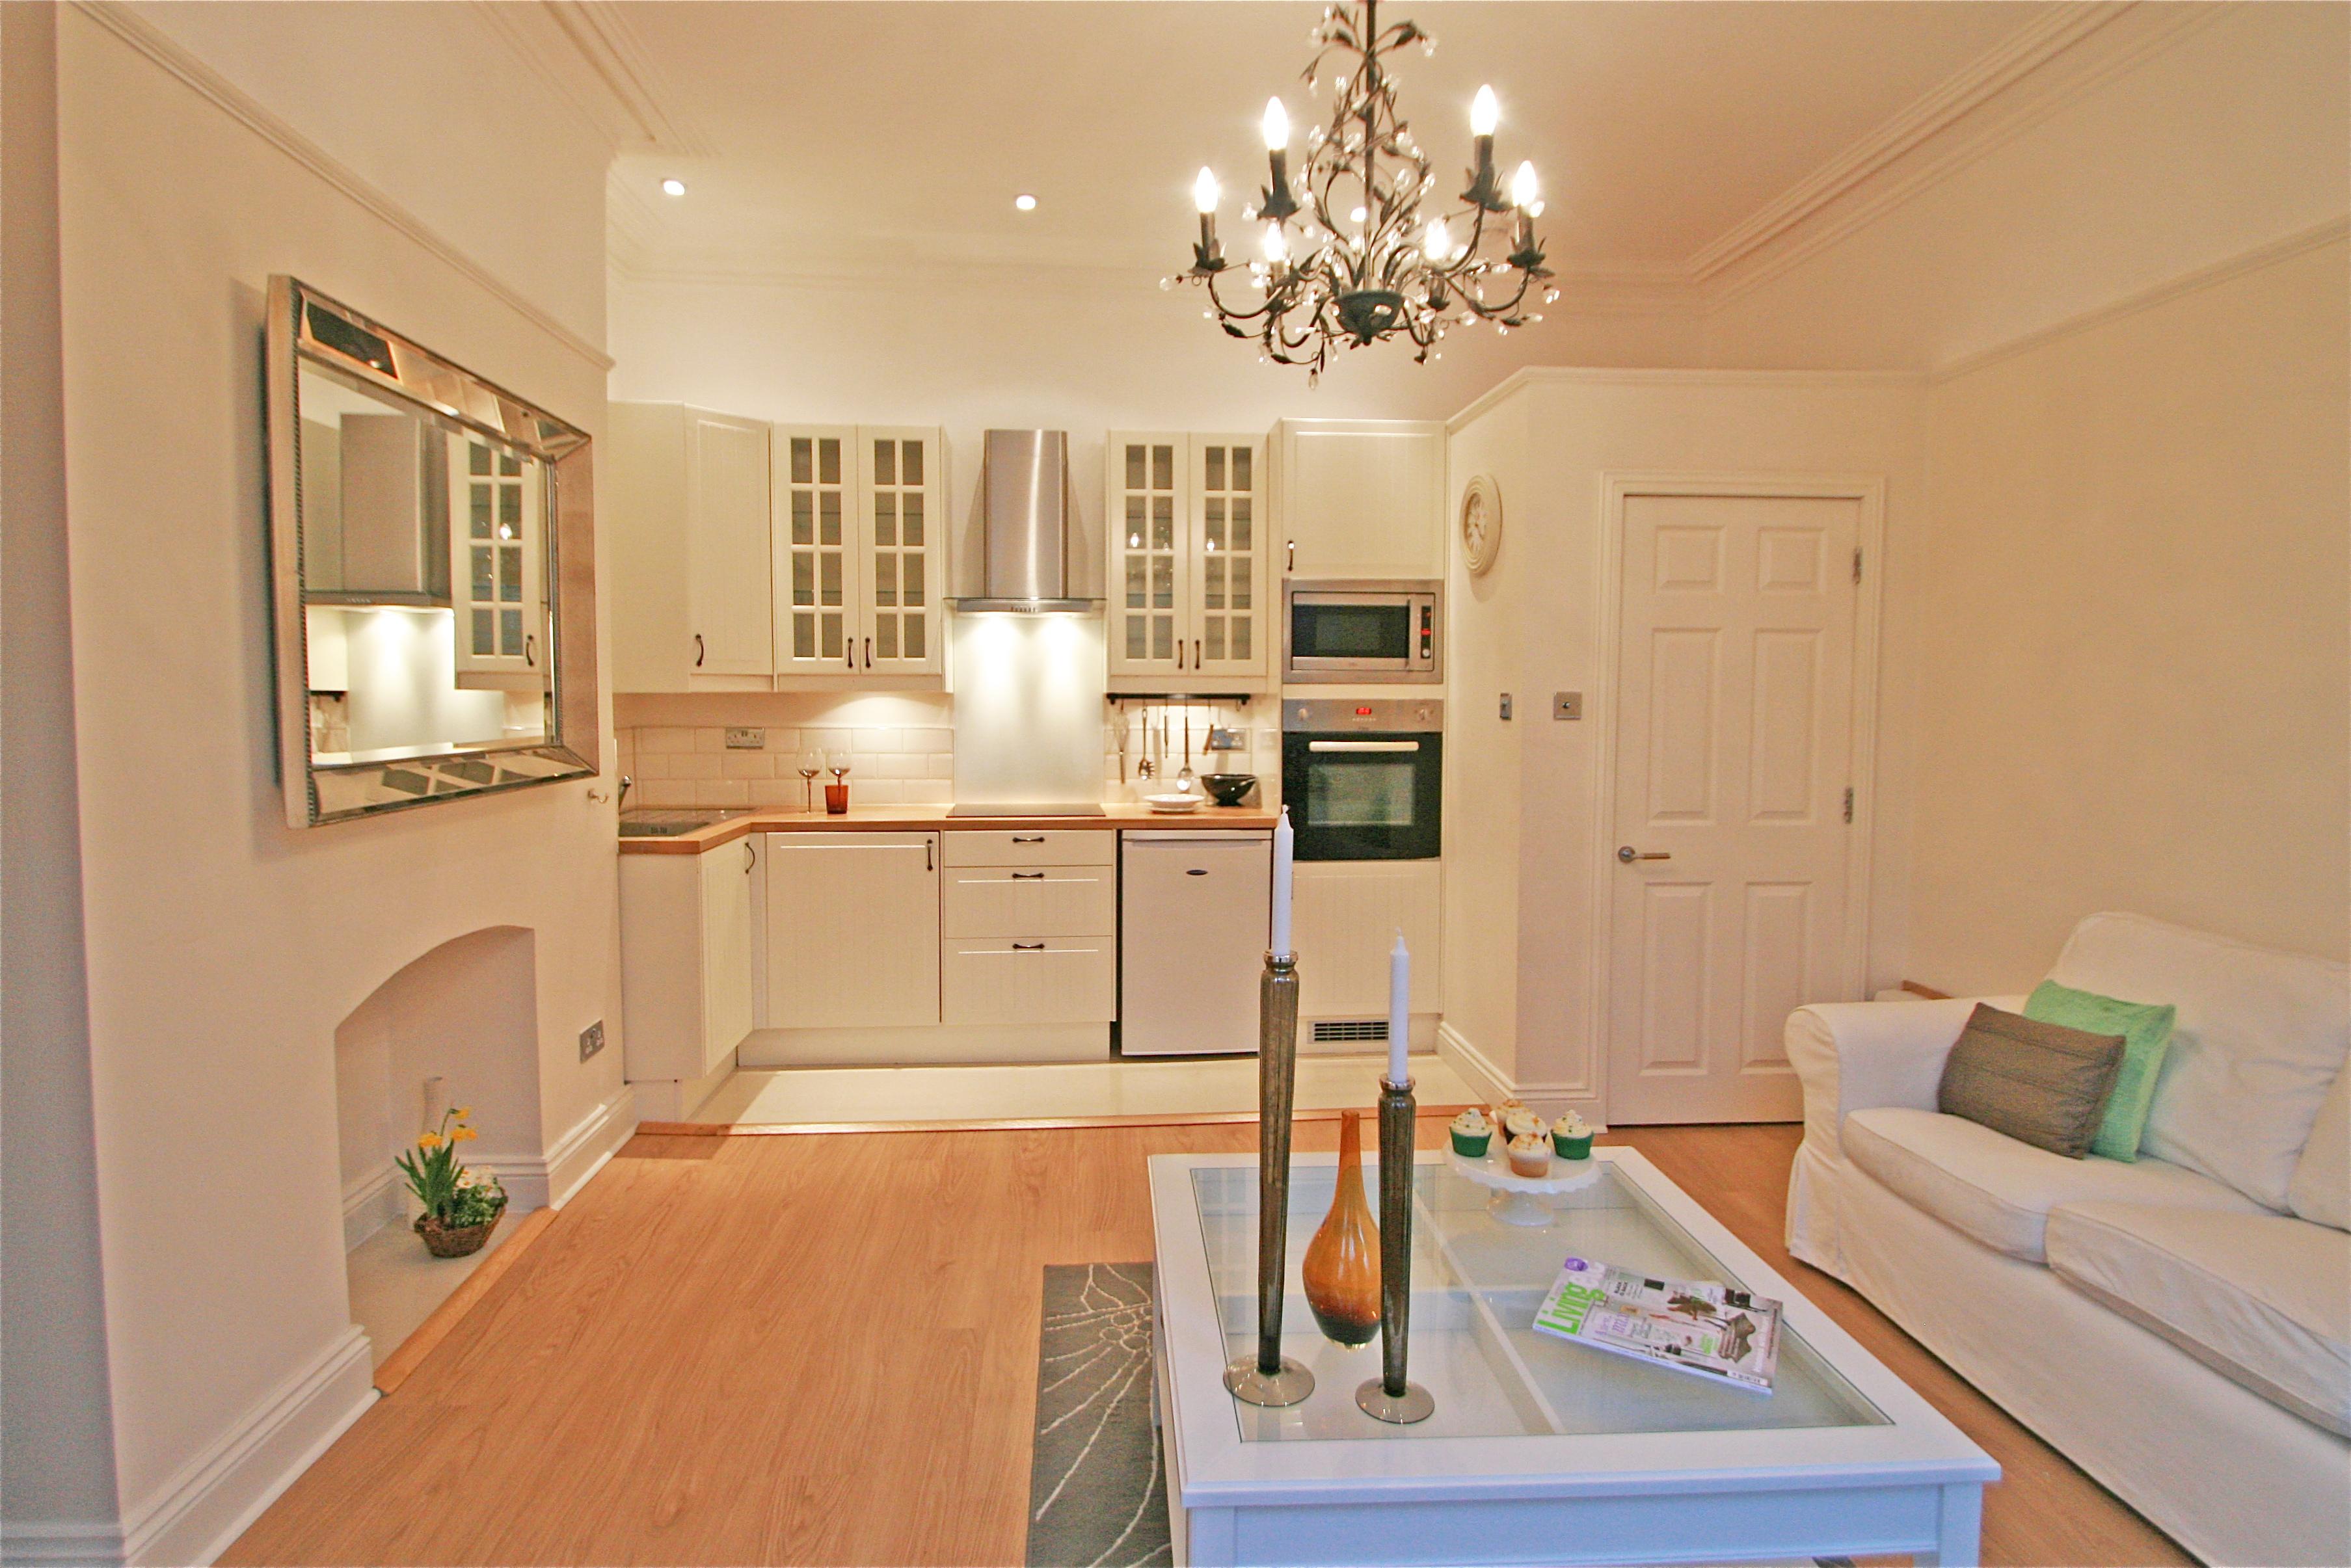 Кухня цвета ванили в квартире студии